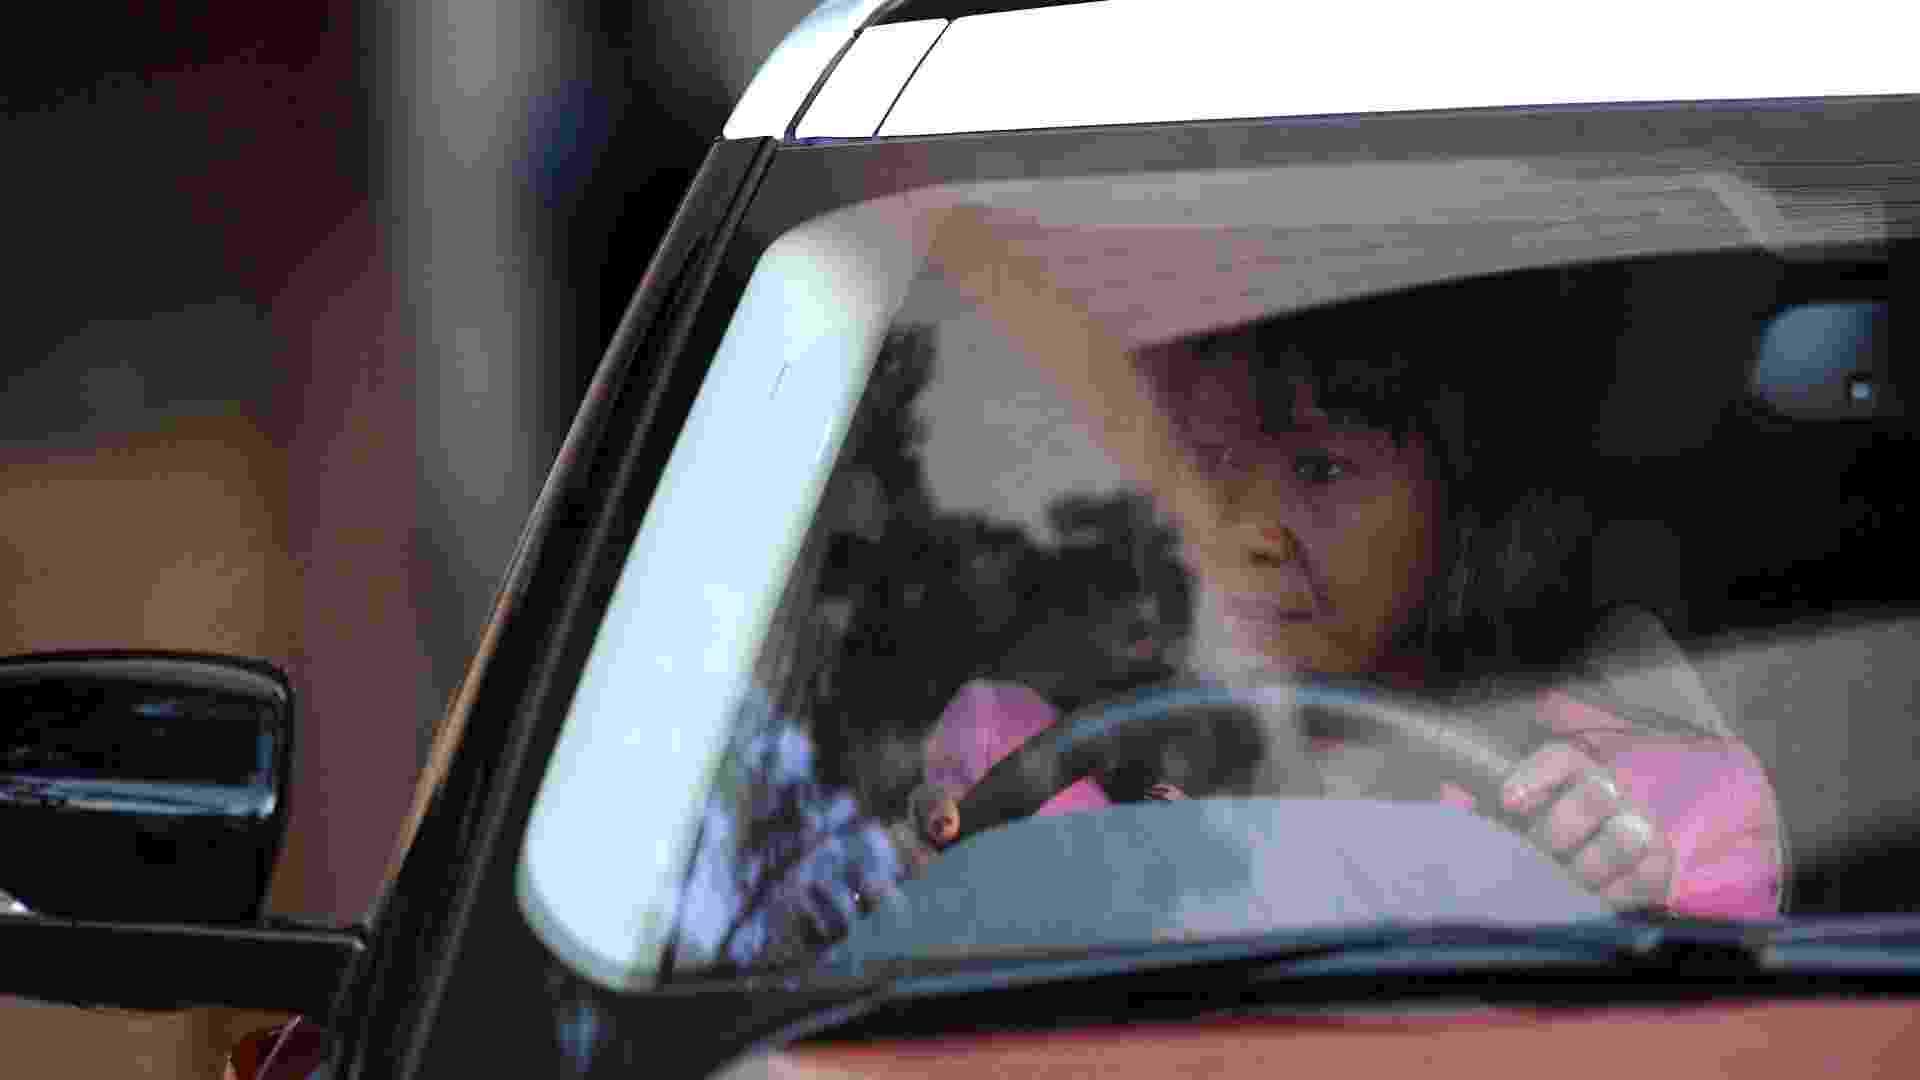 """27.jun.2013 - A filha do ex-presidente da África do Sul, Nelson Mandela, Makaziwe Mandela chega ao Hospital do Coração Mediclinic, em Pretória, onde Mandela está internado em estado crítico. Ela afirmou nesta quinta-feira (27) que os jornalistas que cobrem a hospitalização de seu pai se comportam como """"abutres"""", sem nenhum respeito pelas tradições locais - Filippo Monteforte/AFP"""